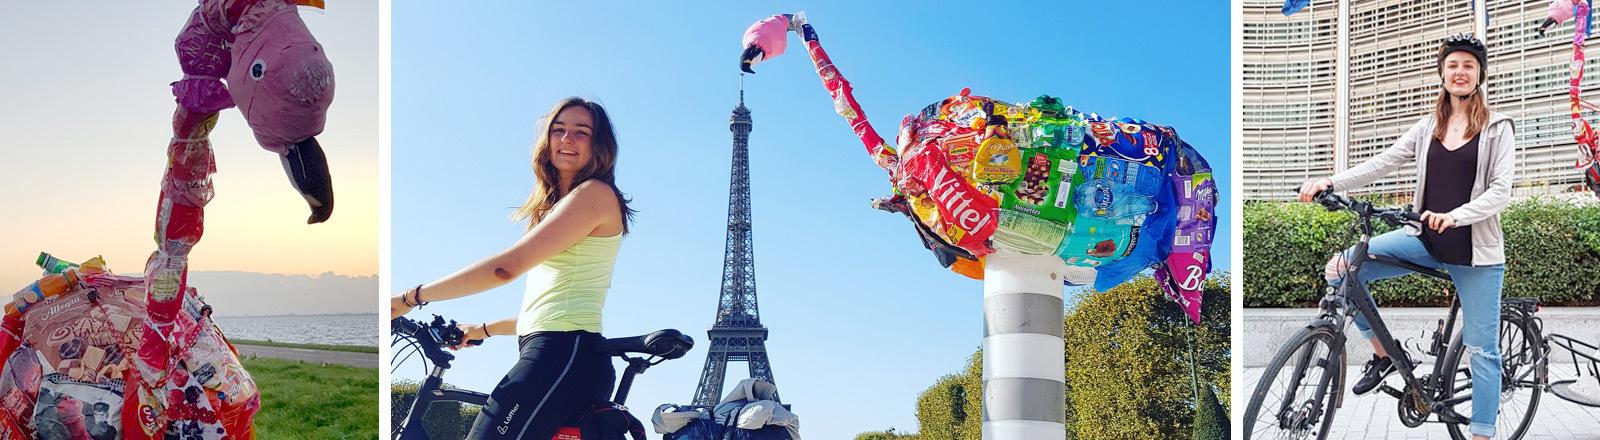 Cara Bütow tourt mit dem Fahrrad durch Europa.